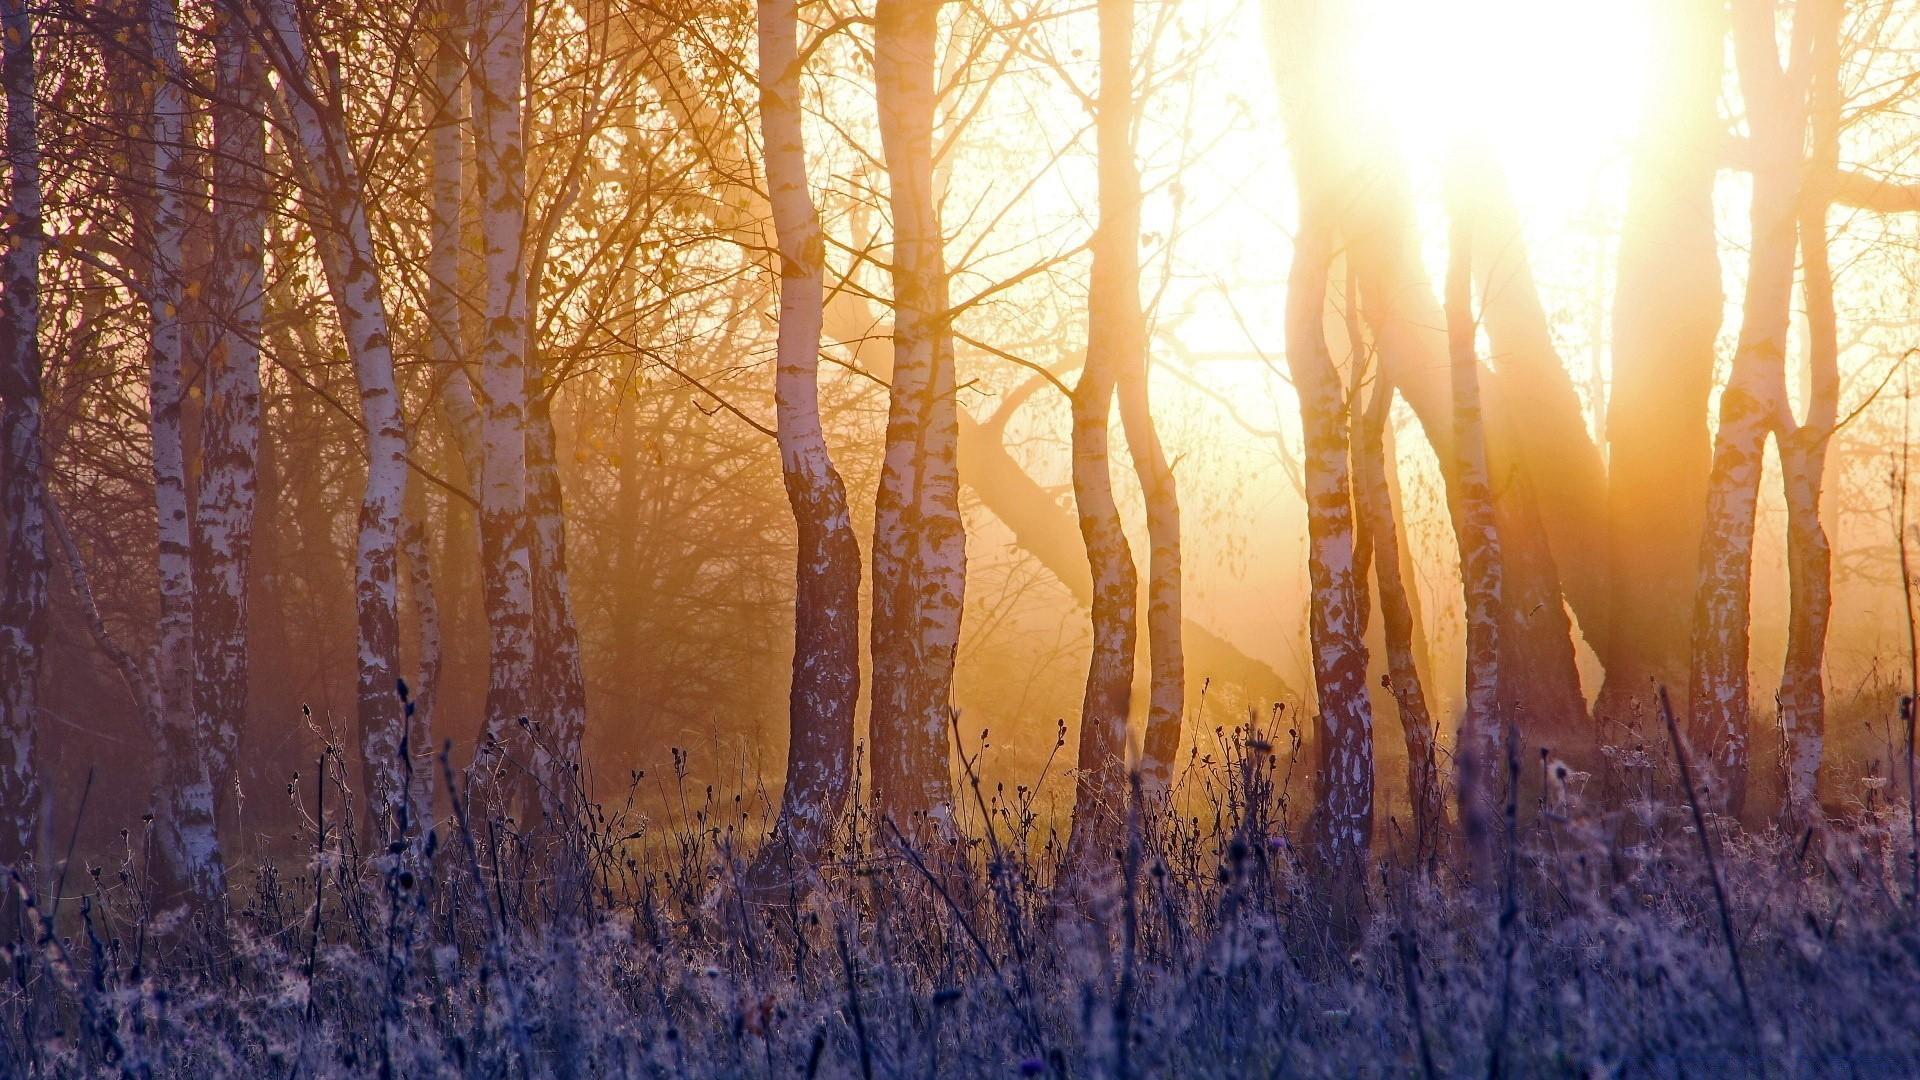 Картинка на рабочий стол солнце и природа пробуждается ото сна